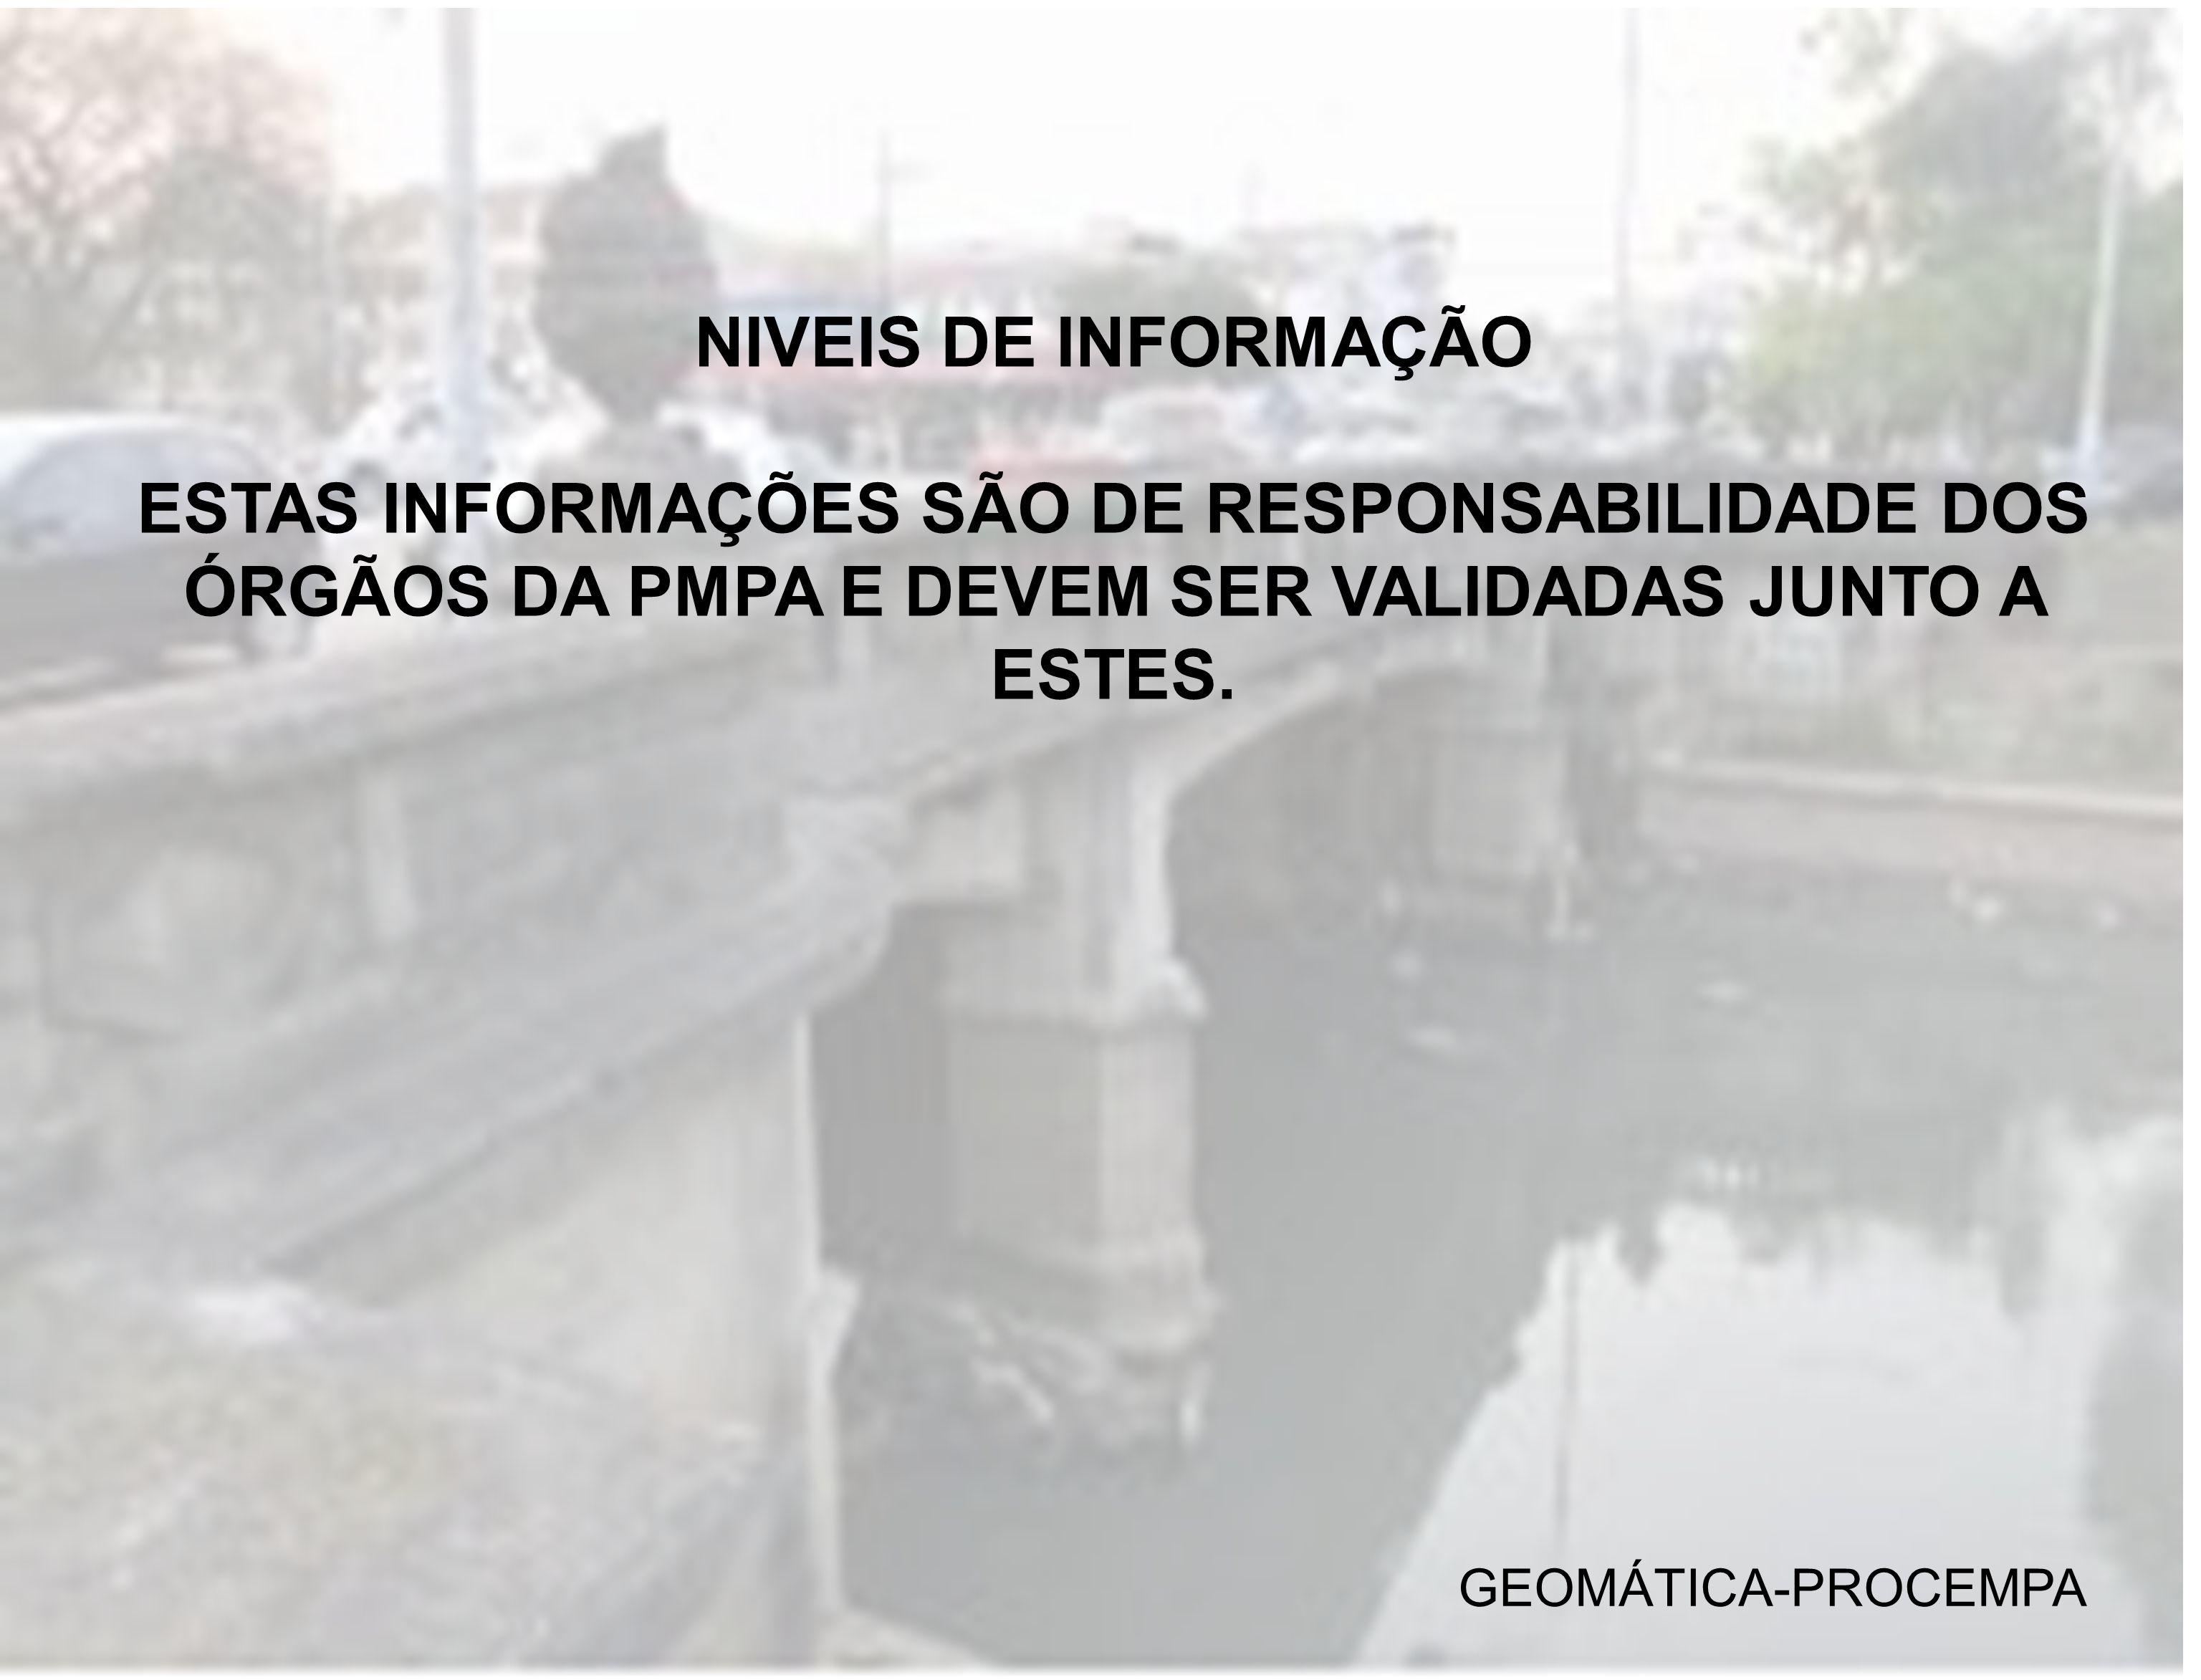 NIVEIS DE INFORMAÇÃOESTAS INFORMAÇÕES SÃO DE RESPONSABILIDADE DOS ÓRGÃOS DA PMPA E DEVEM SER VALIDADAS JUNTO A ESTES.